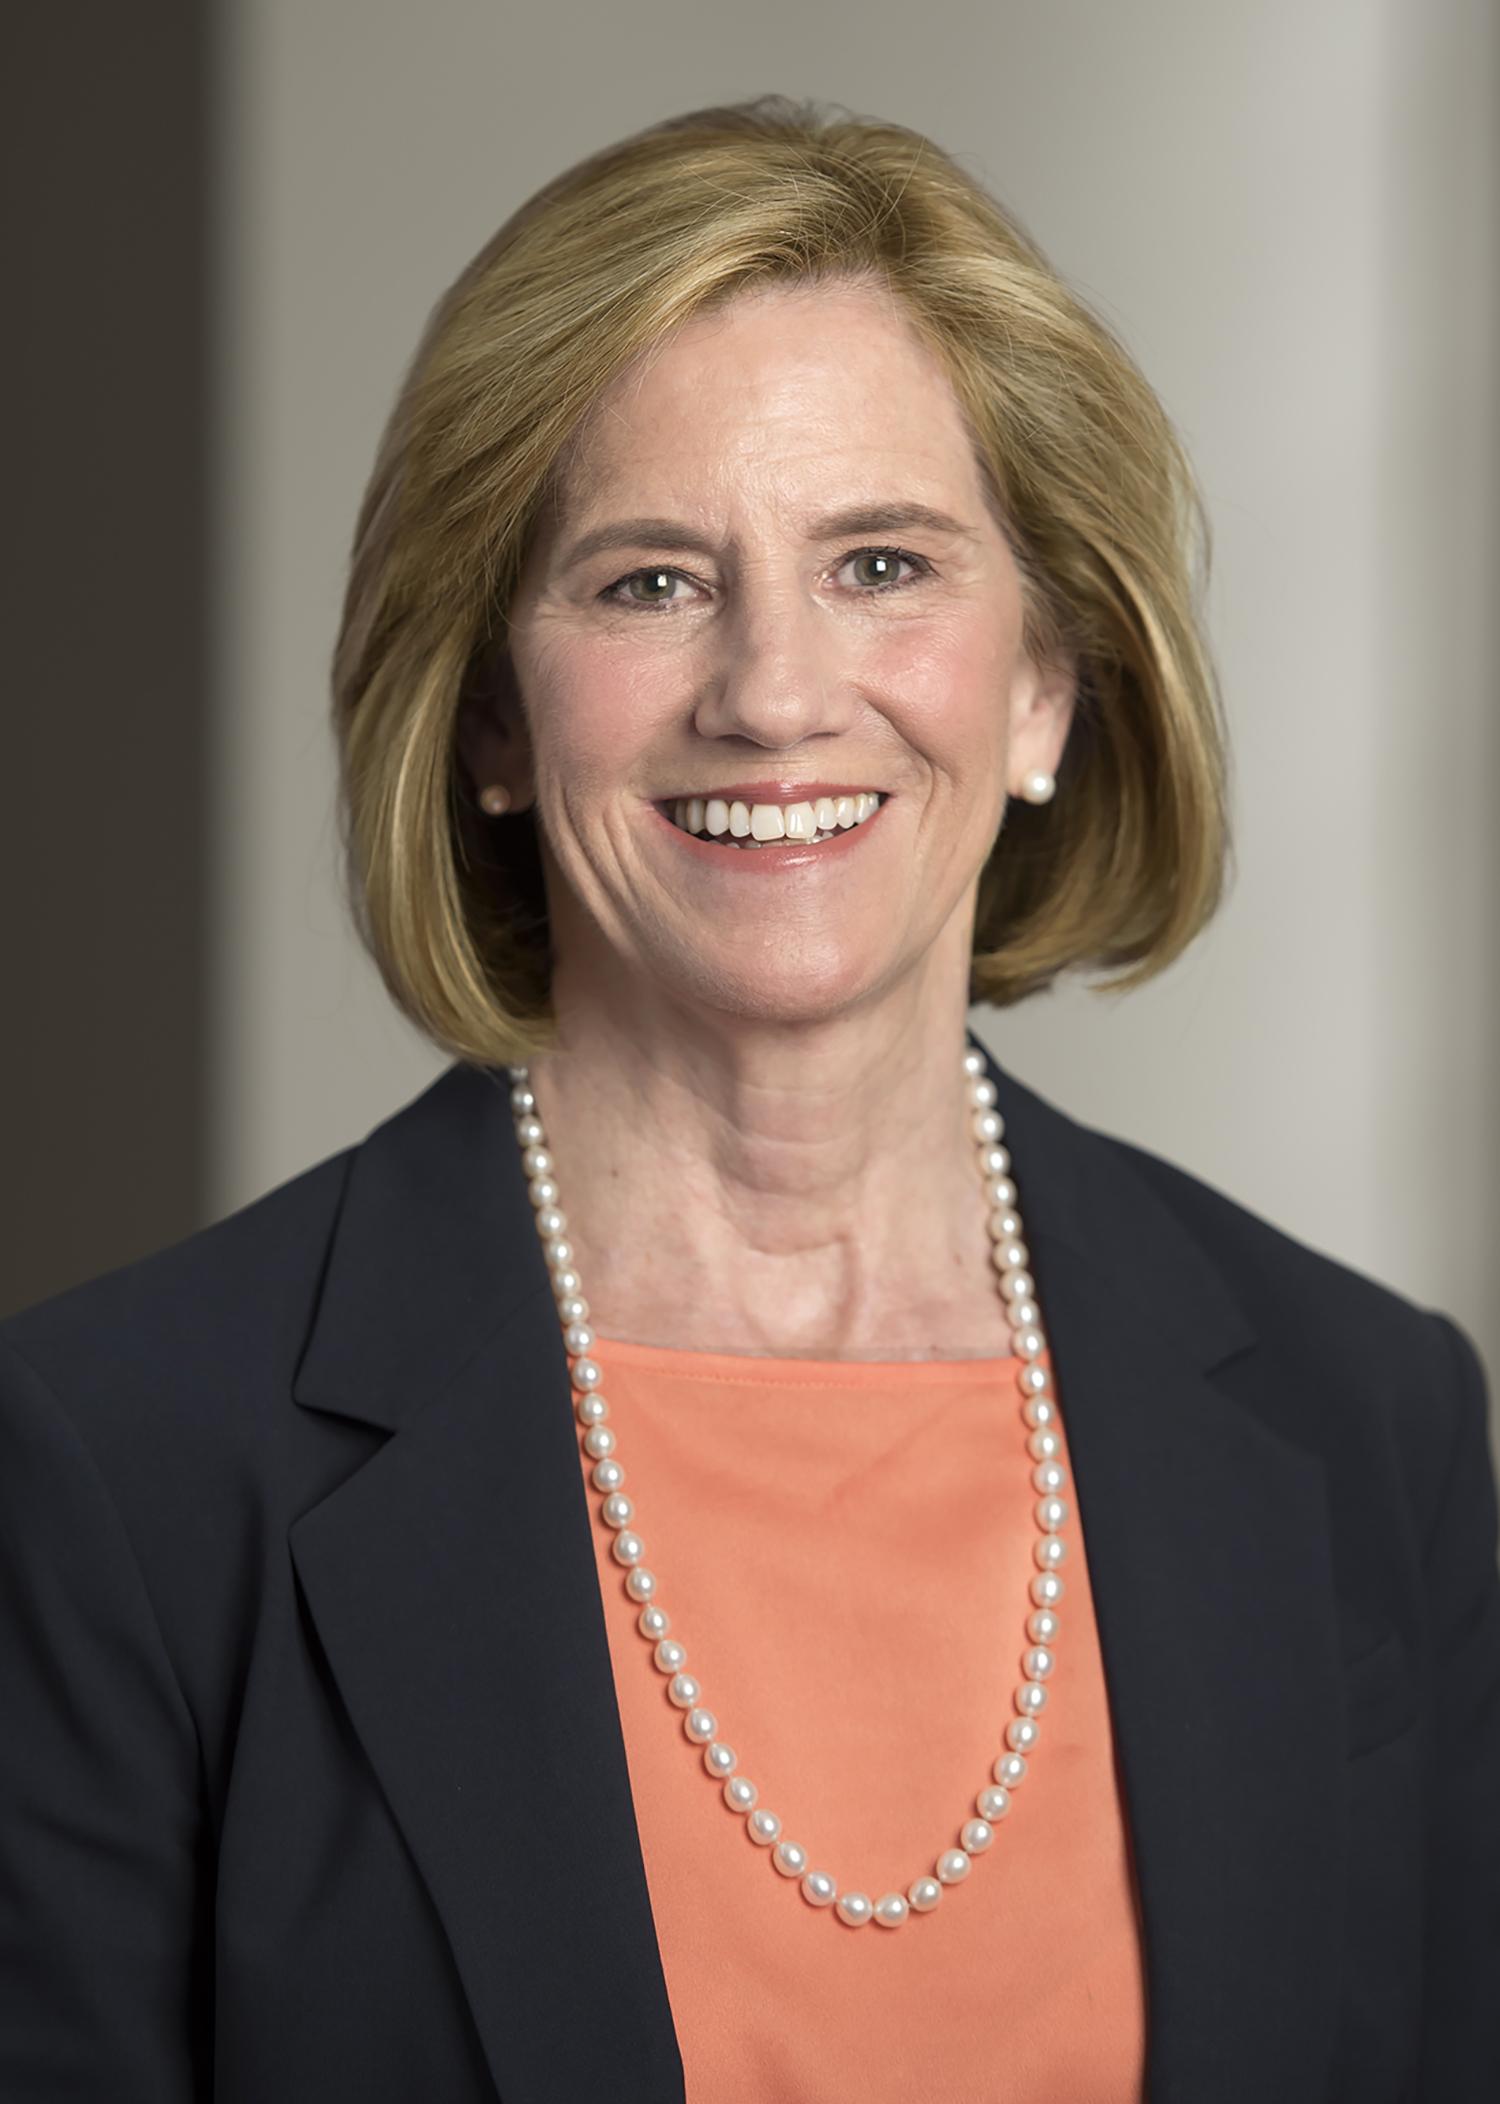 Headshot of Dr. Mary E. Klotman